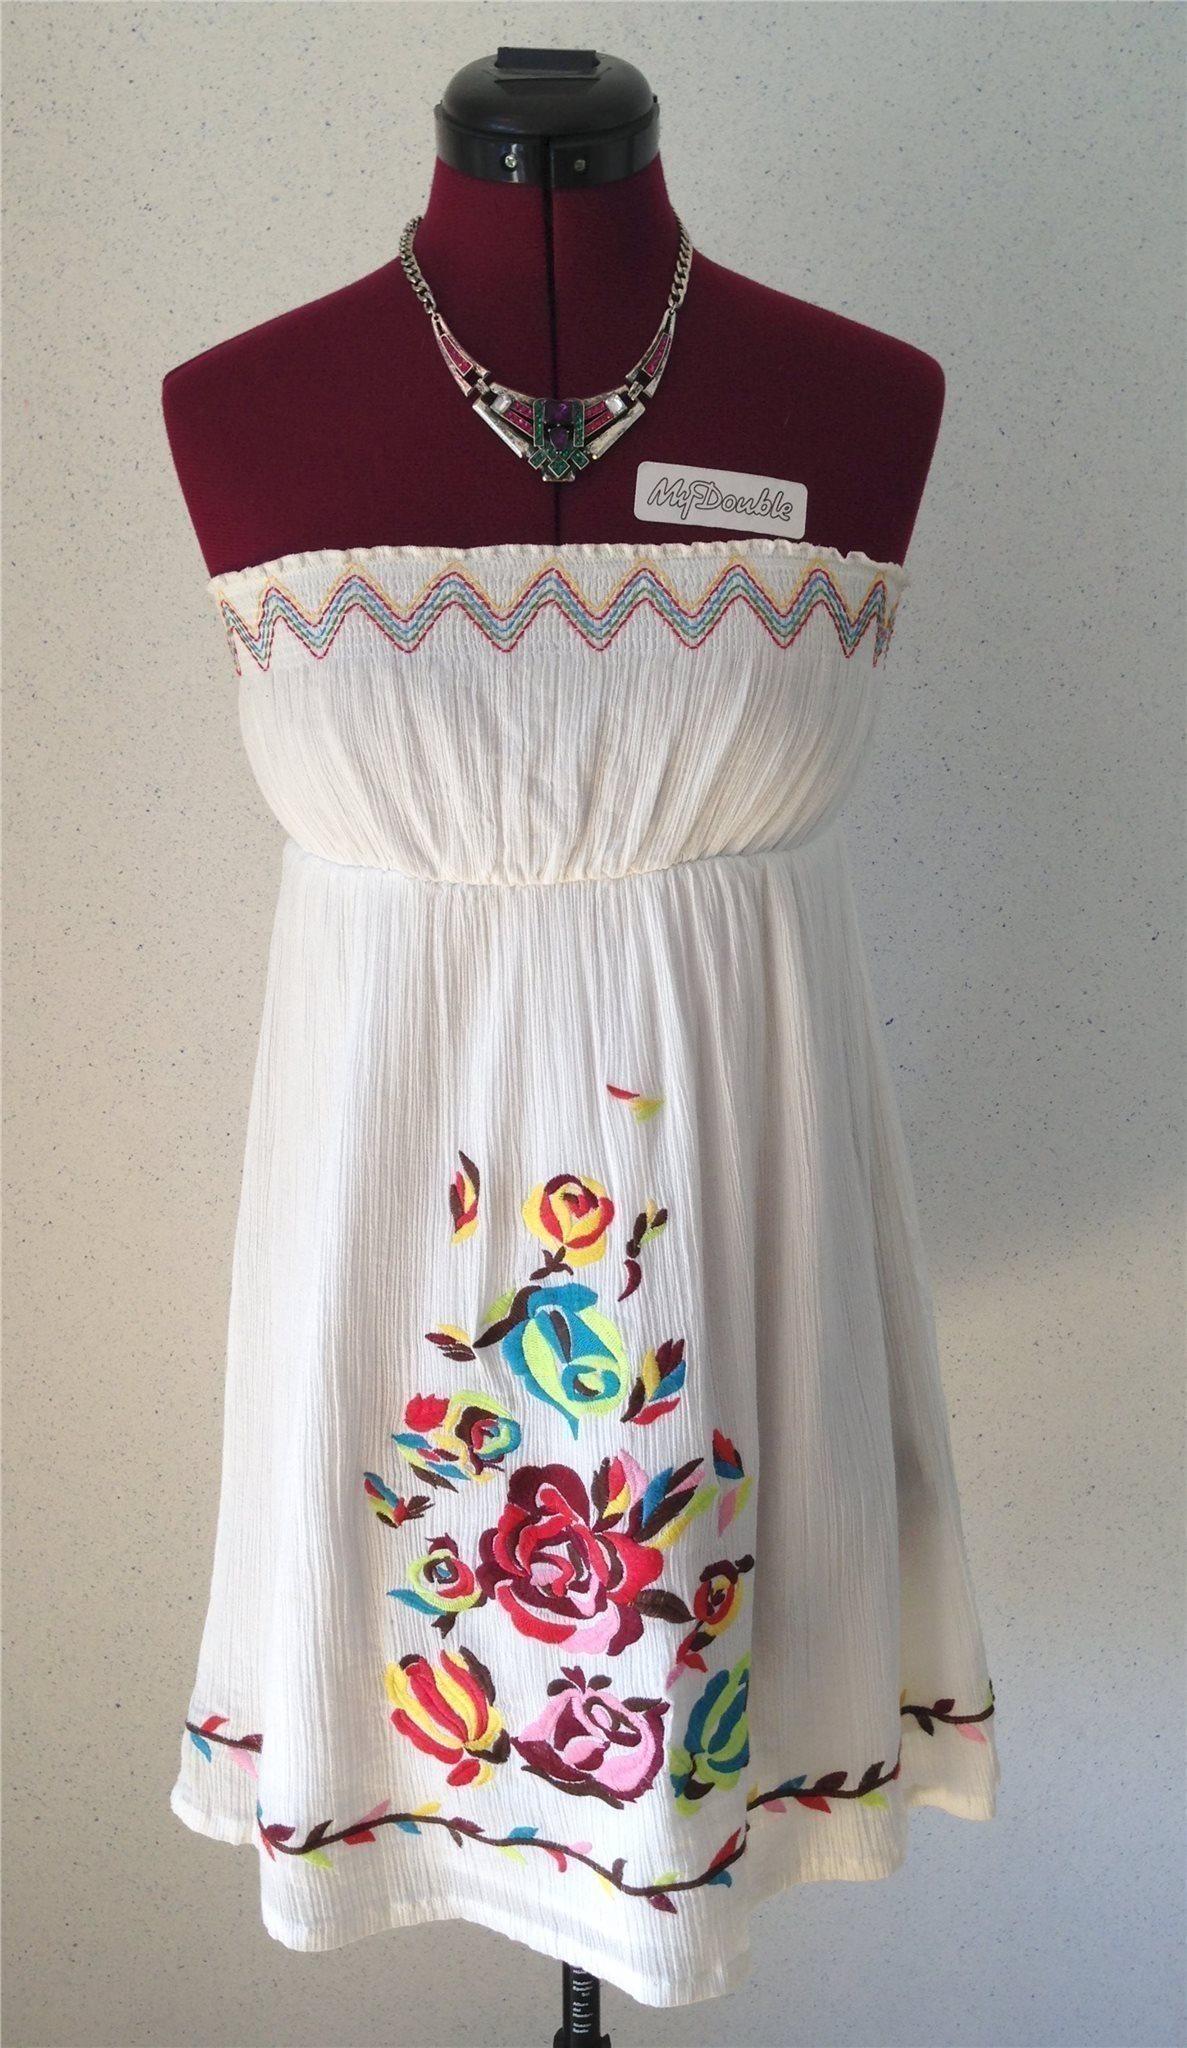 4702e2a74cf0 Forever21 klänning, vit med broderade blommor, .. (343288158) ᐈ Köp ...